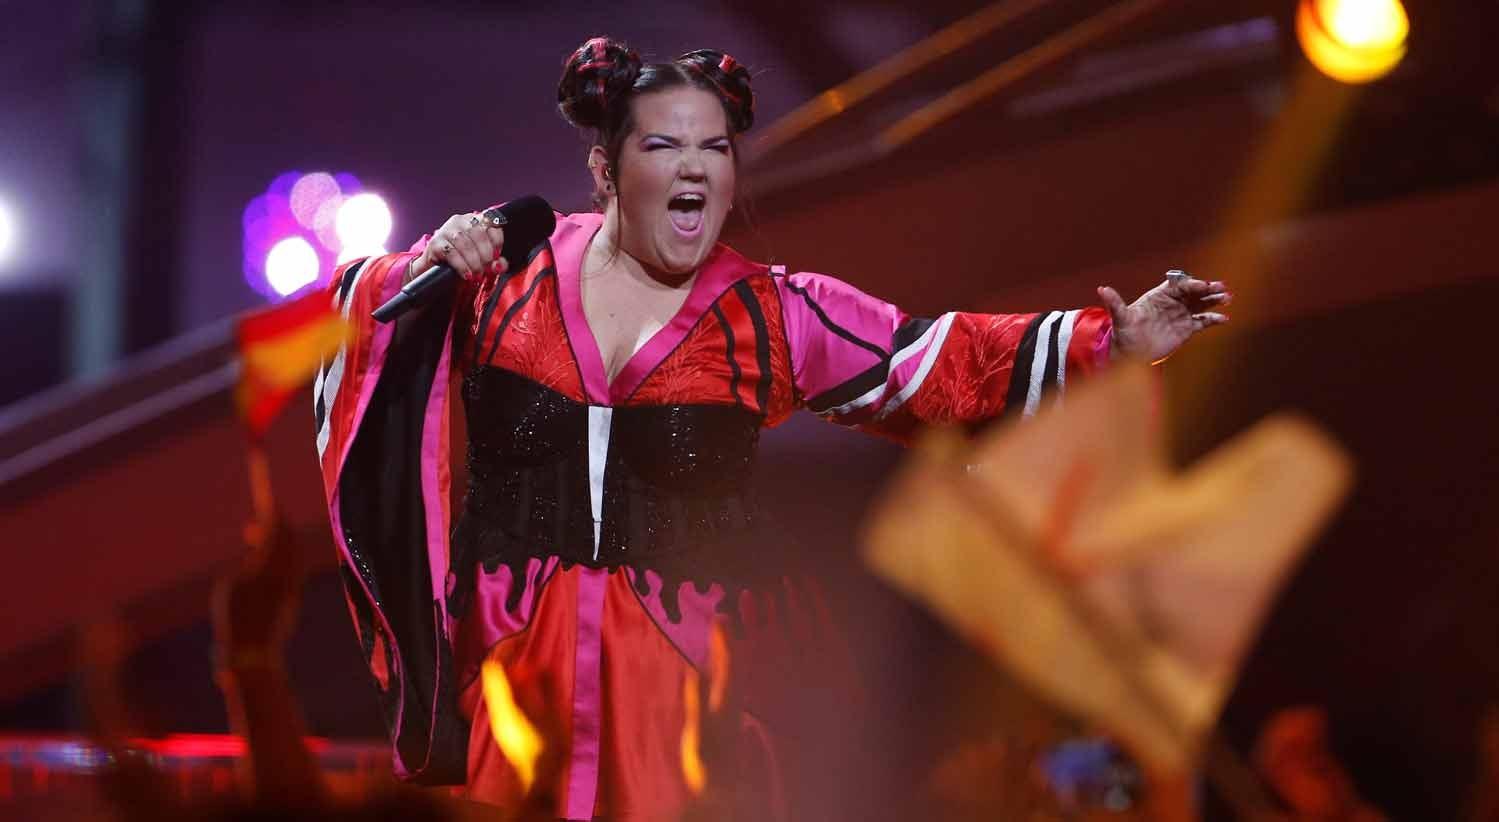 Israel venceu o festival Eurovisão da canção realizado em Portugal